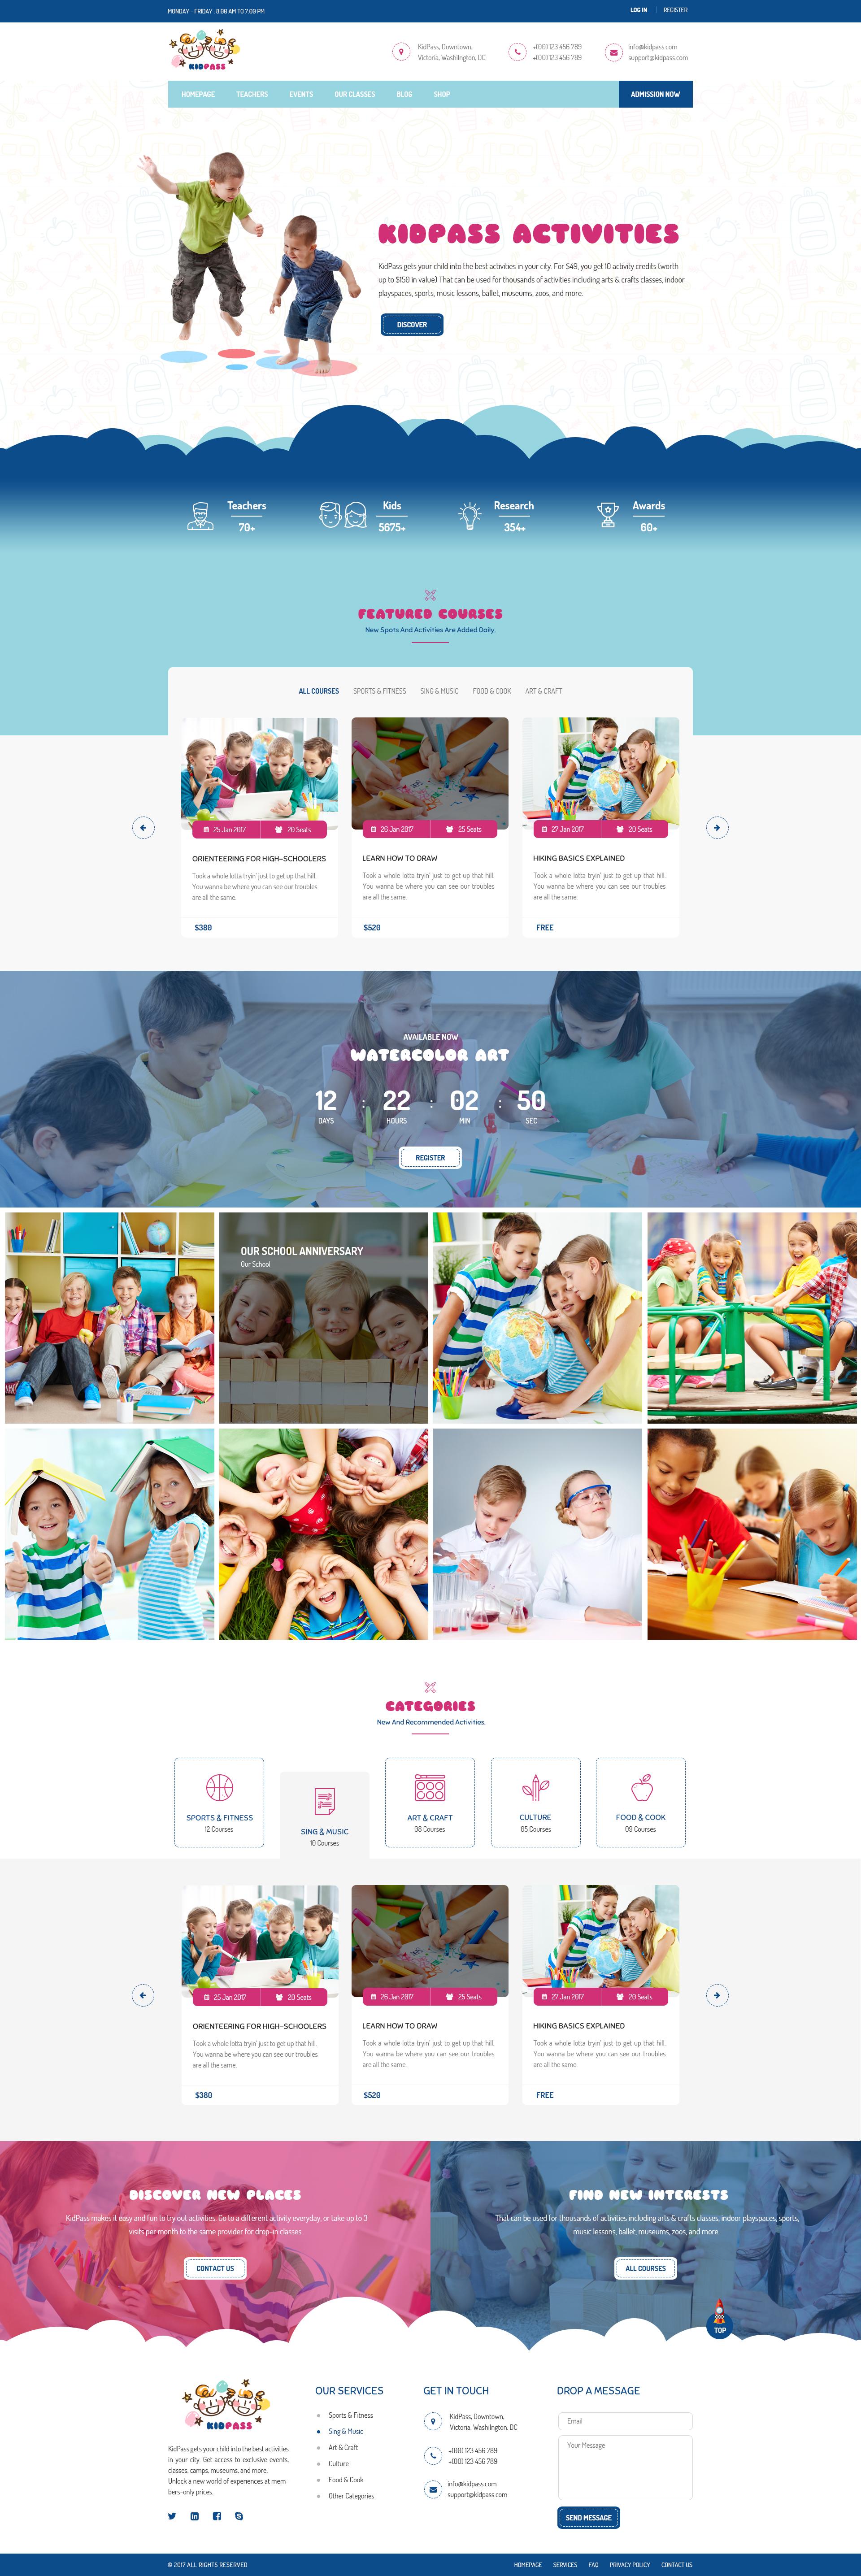 Thiết kế website trường mẫu giáo